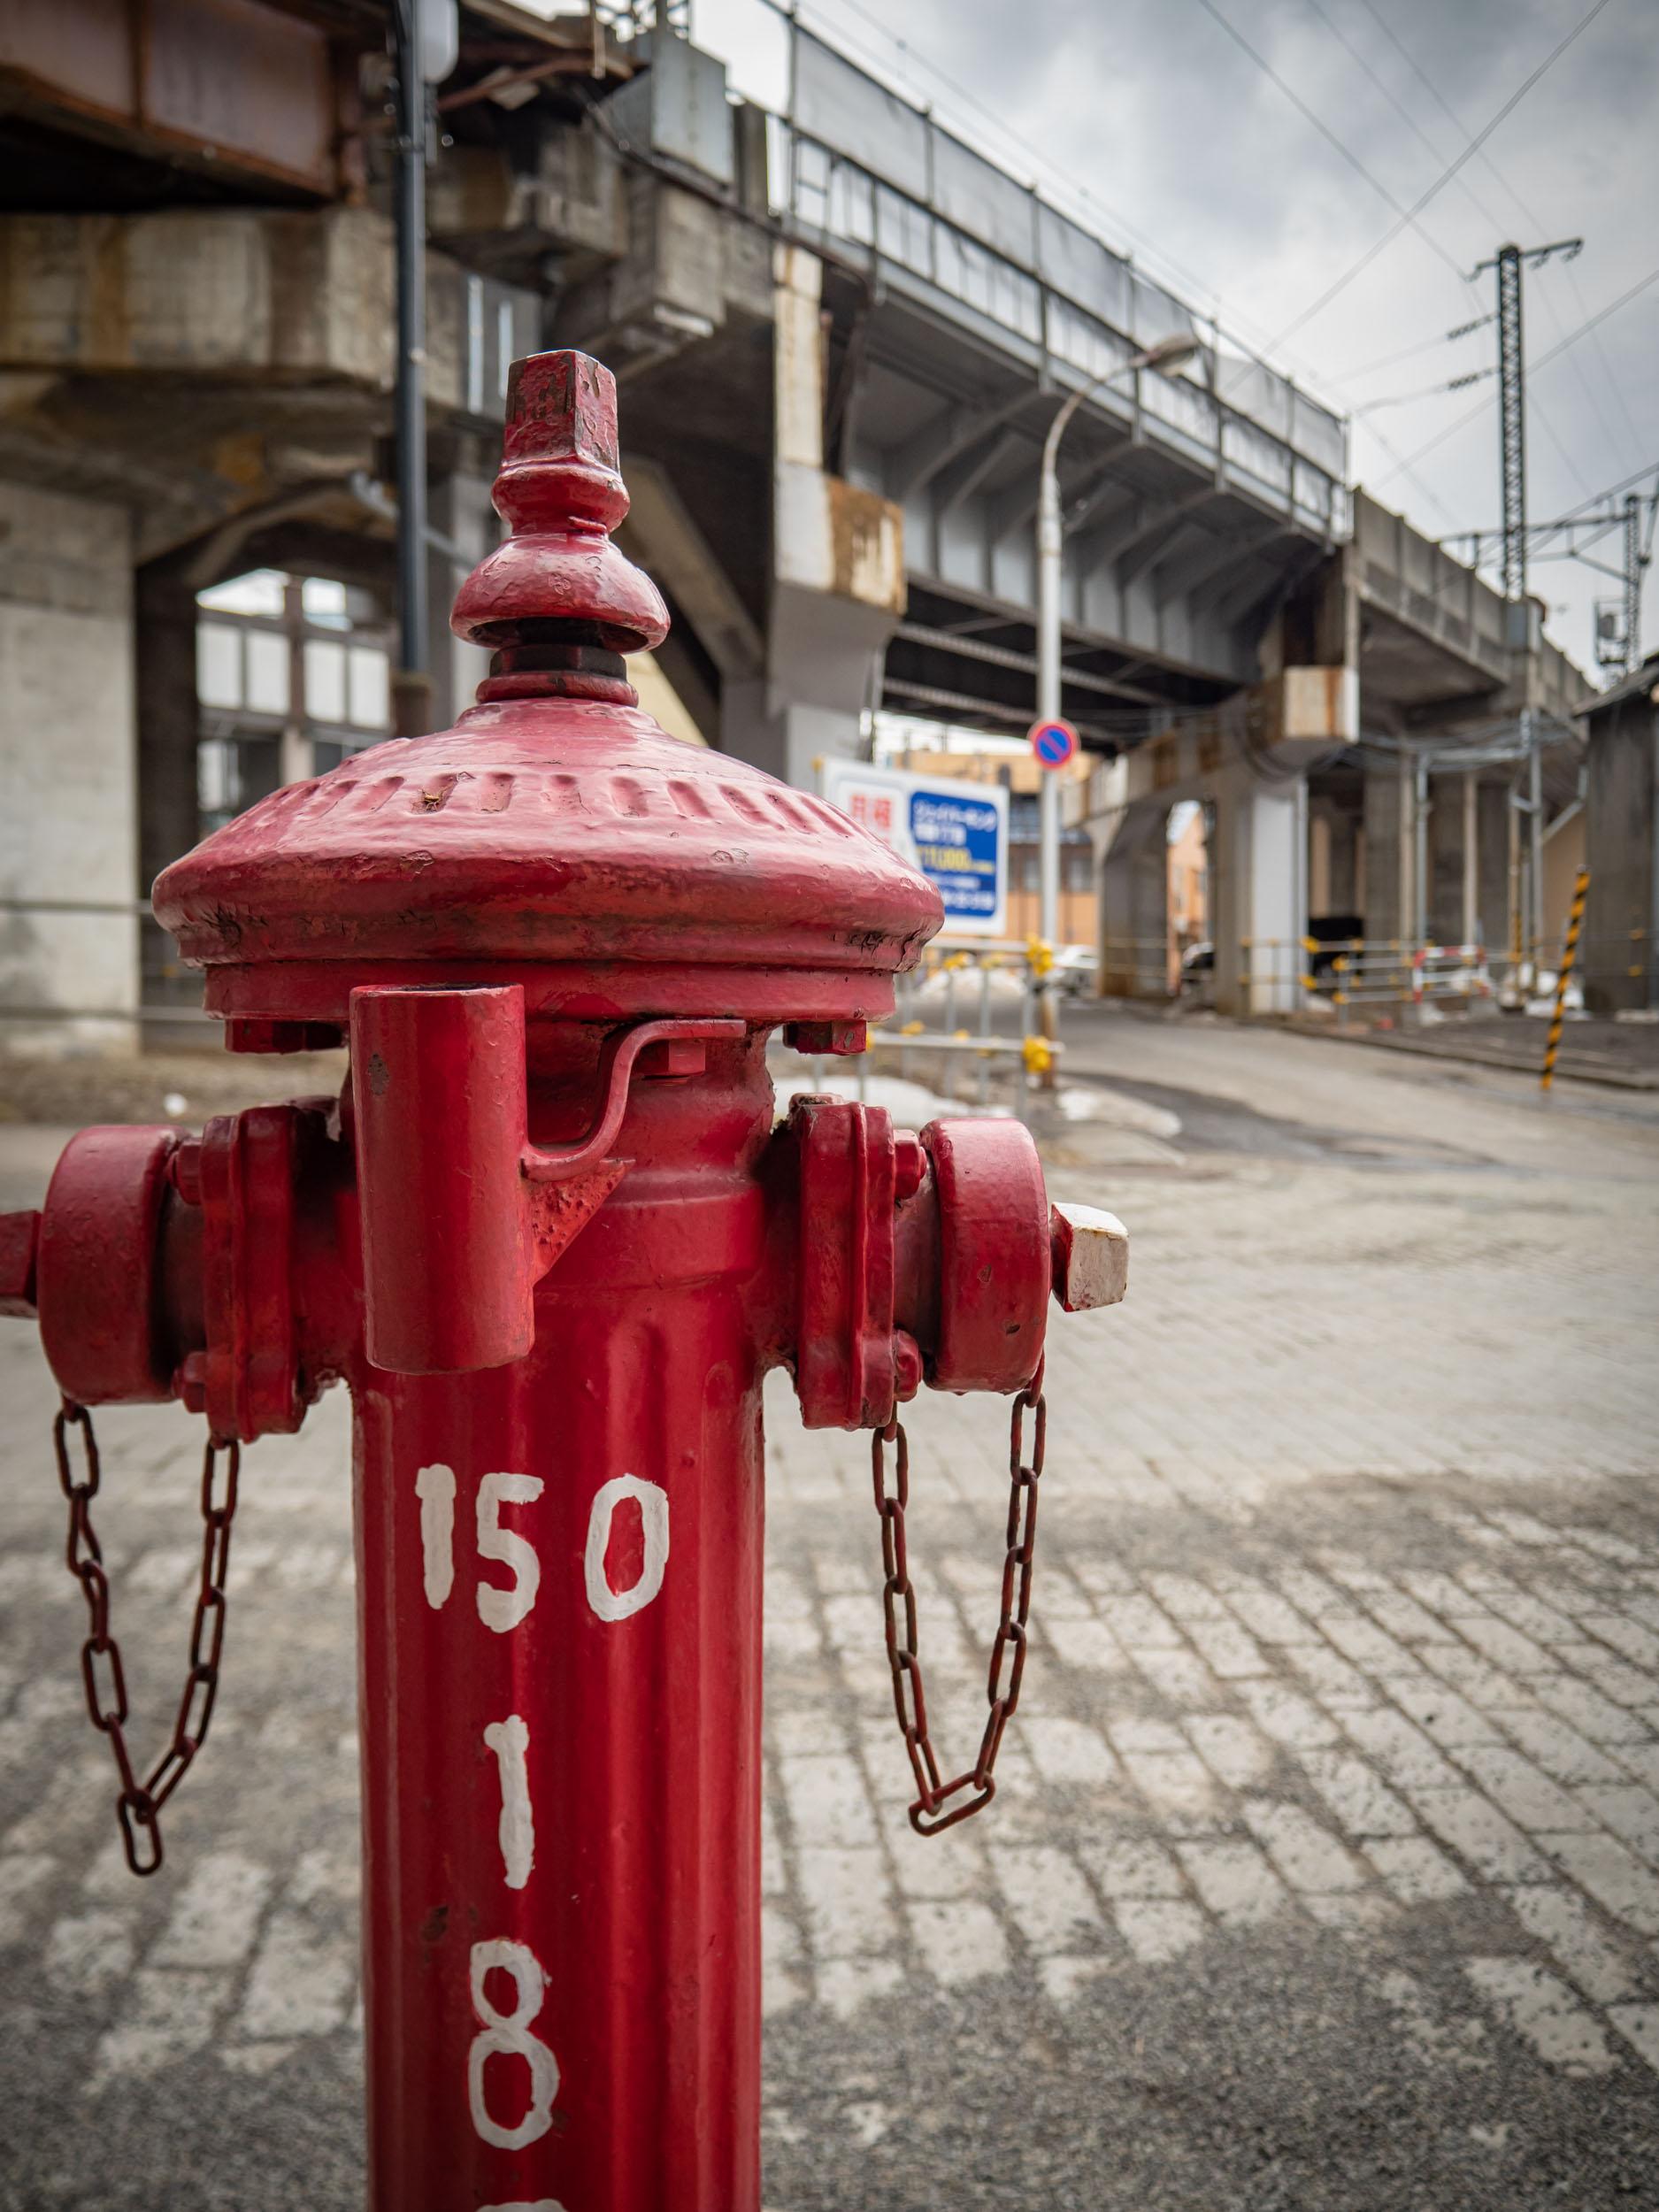 小樽花園通りの消火栓 DMC-GX8 + LEICA DG 12-60mm